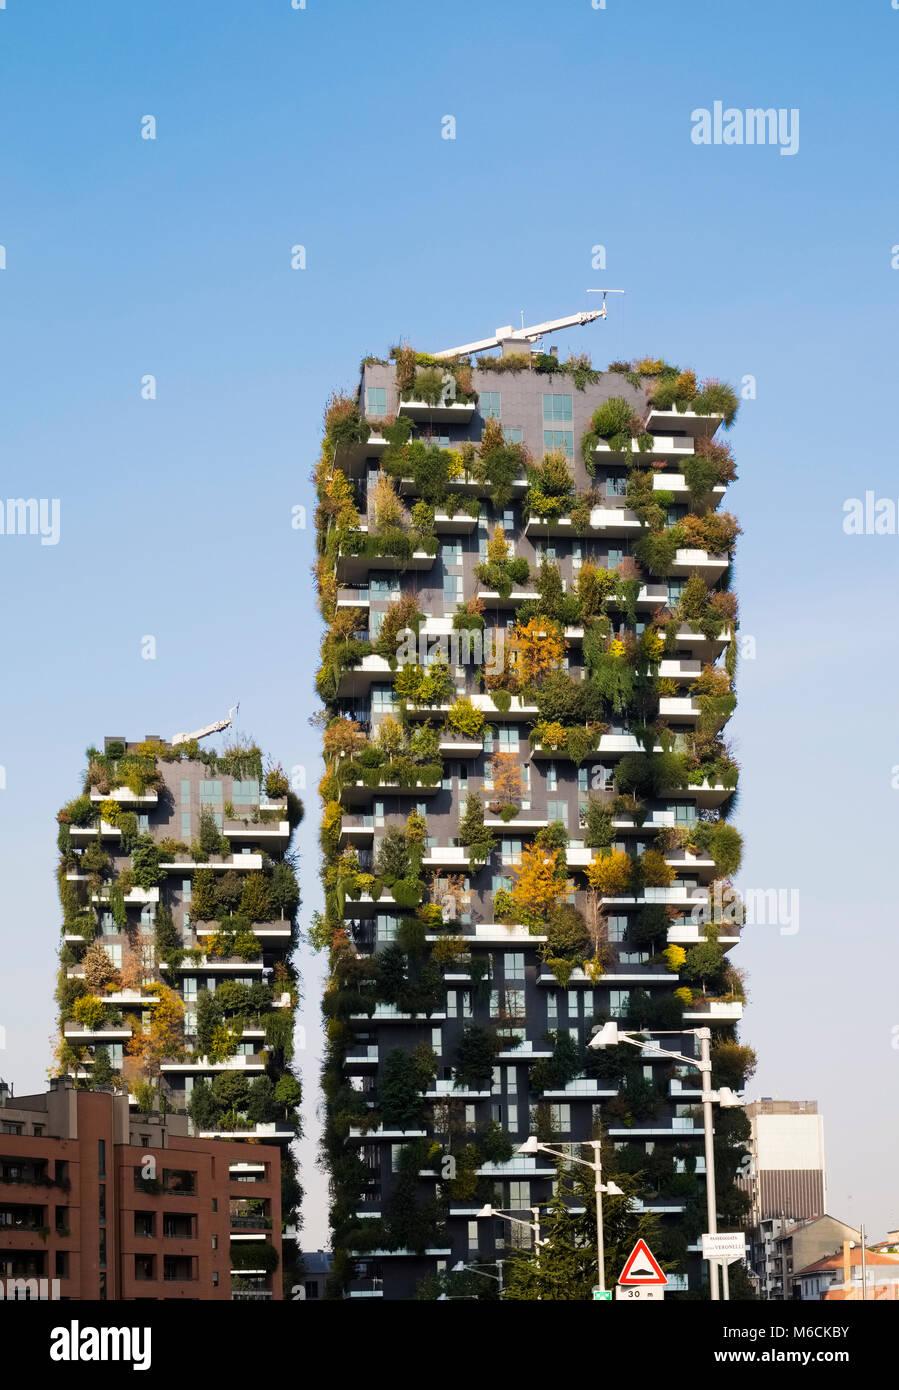 Bosco Verticale (vertikale Wald), preisgekrönte Wohntürme in der Porta Nuova Viertel von Mailand, Italien. Stockbild